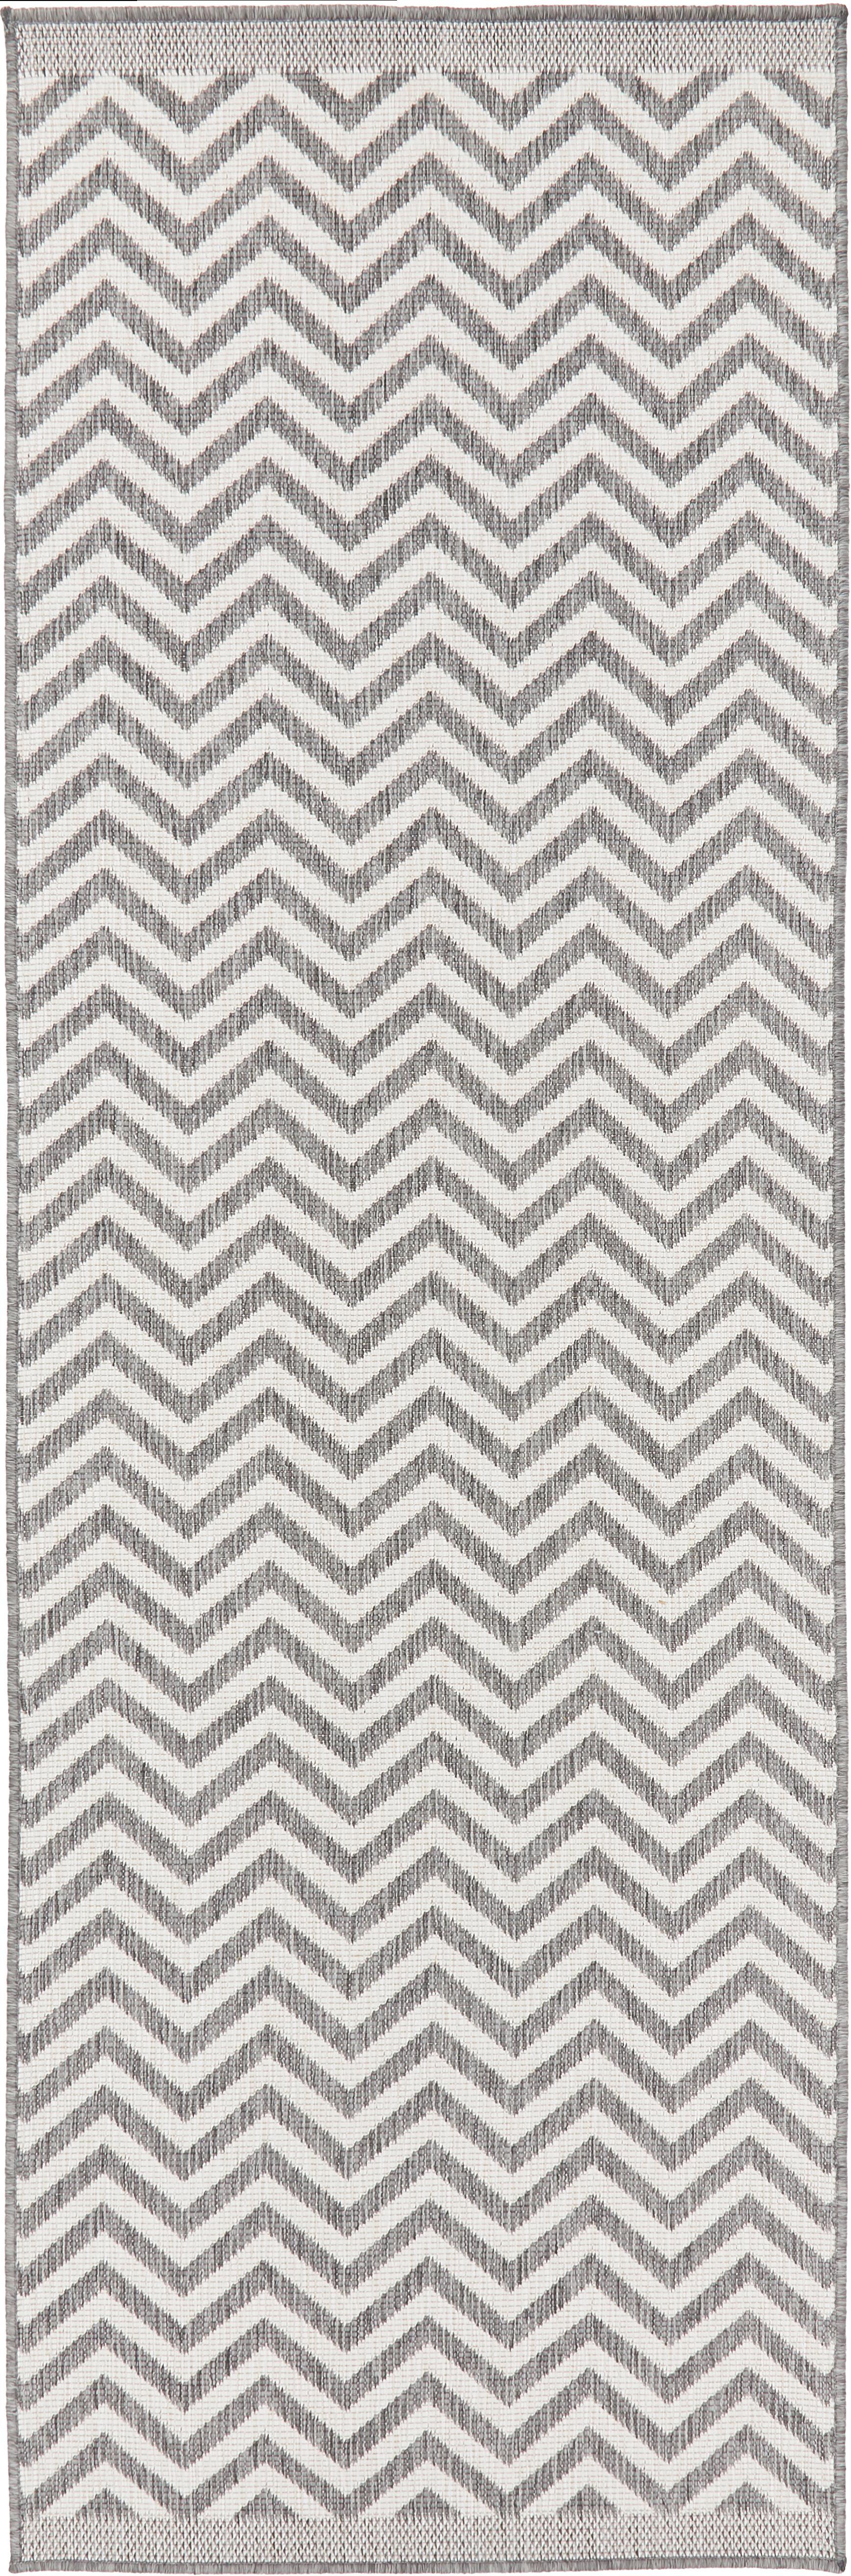 Dubbelzijdige in- & outdoor loper Palma, met zigzag patroon, Grijs, crèmekleurig, 80 x 250 cm